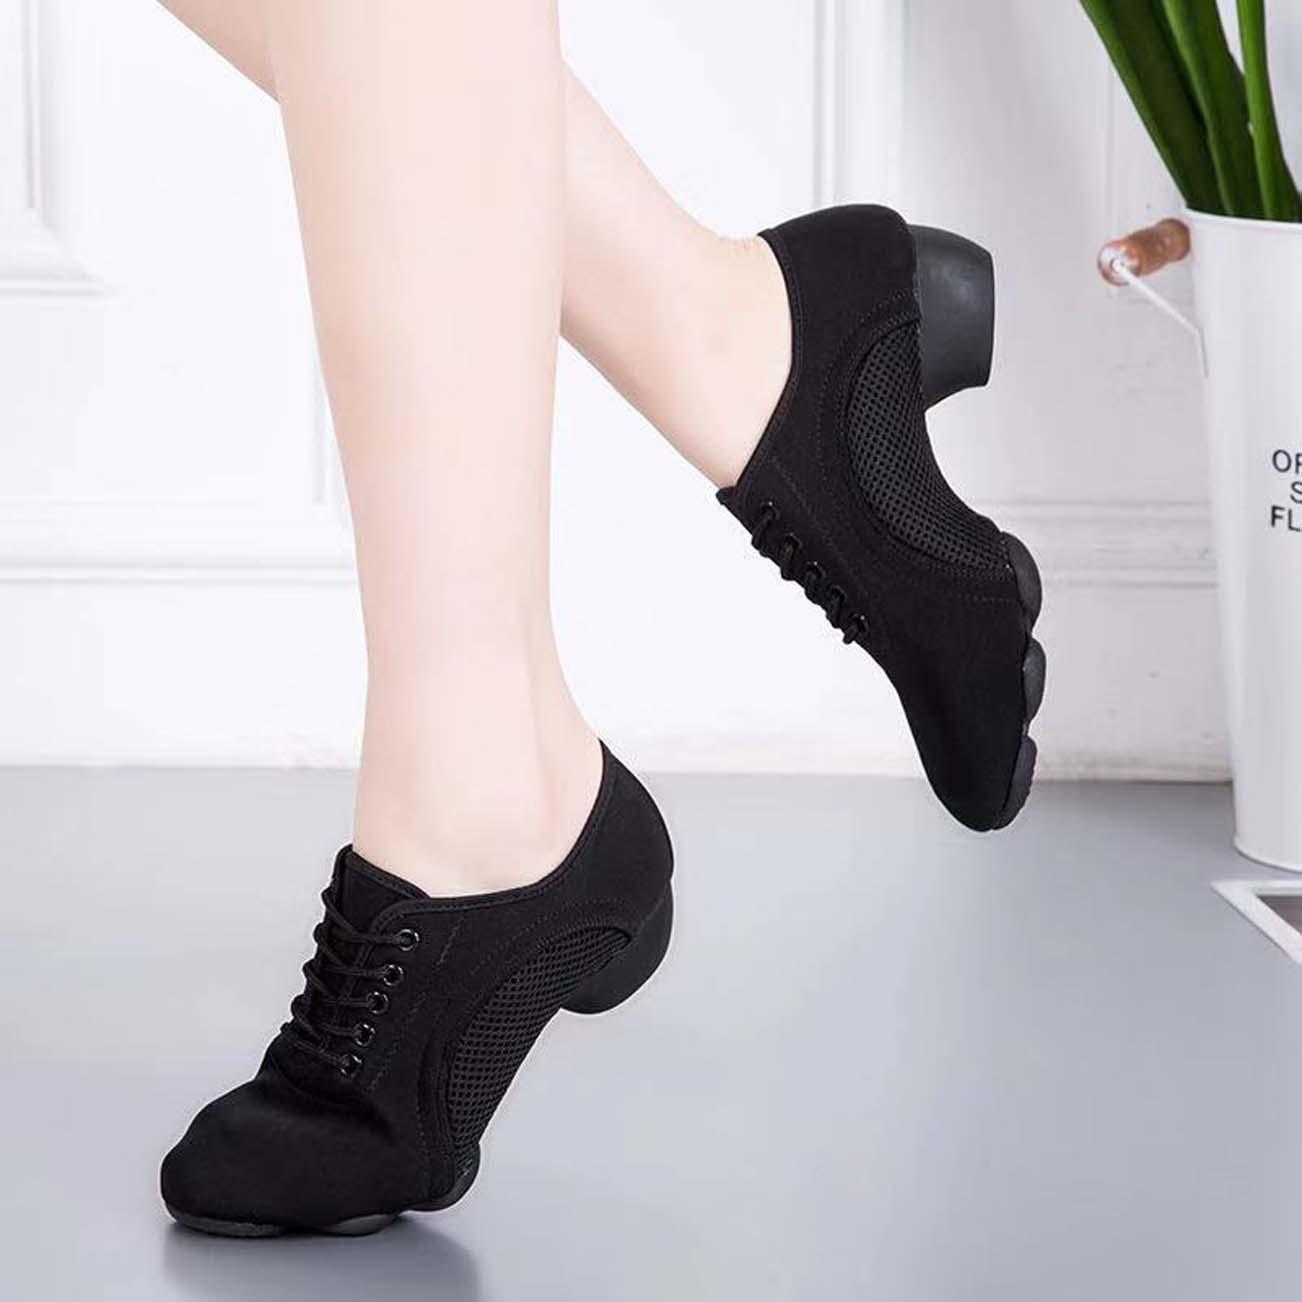 Classics Man Kadınlar Platformu Trainer Lüks Tasarımcılar Konfor Casual Ayakkabı Sneaker adam Kadınlar Deri Ayakkabı Chaussures Eğitmenler shoe013 P220